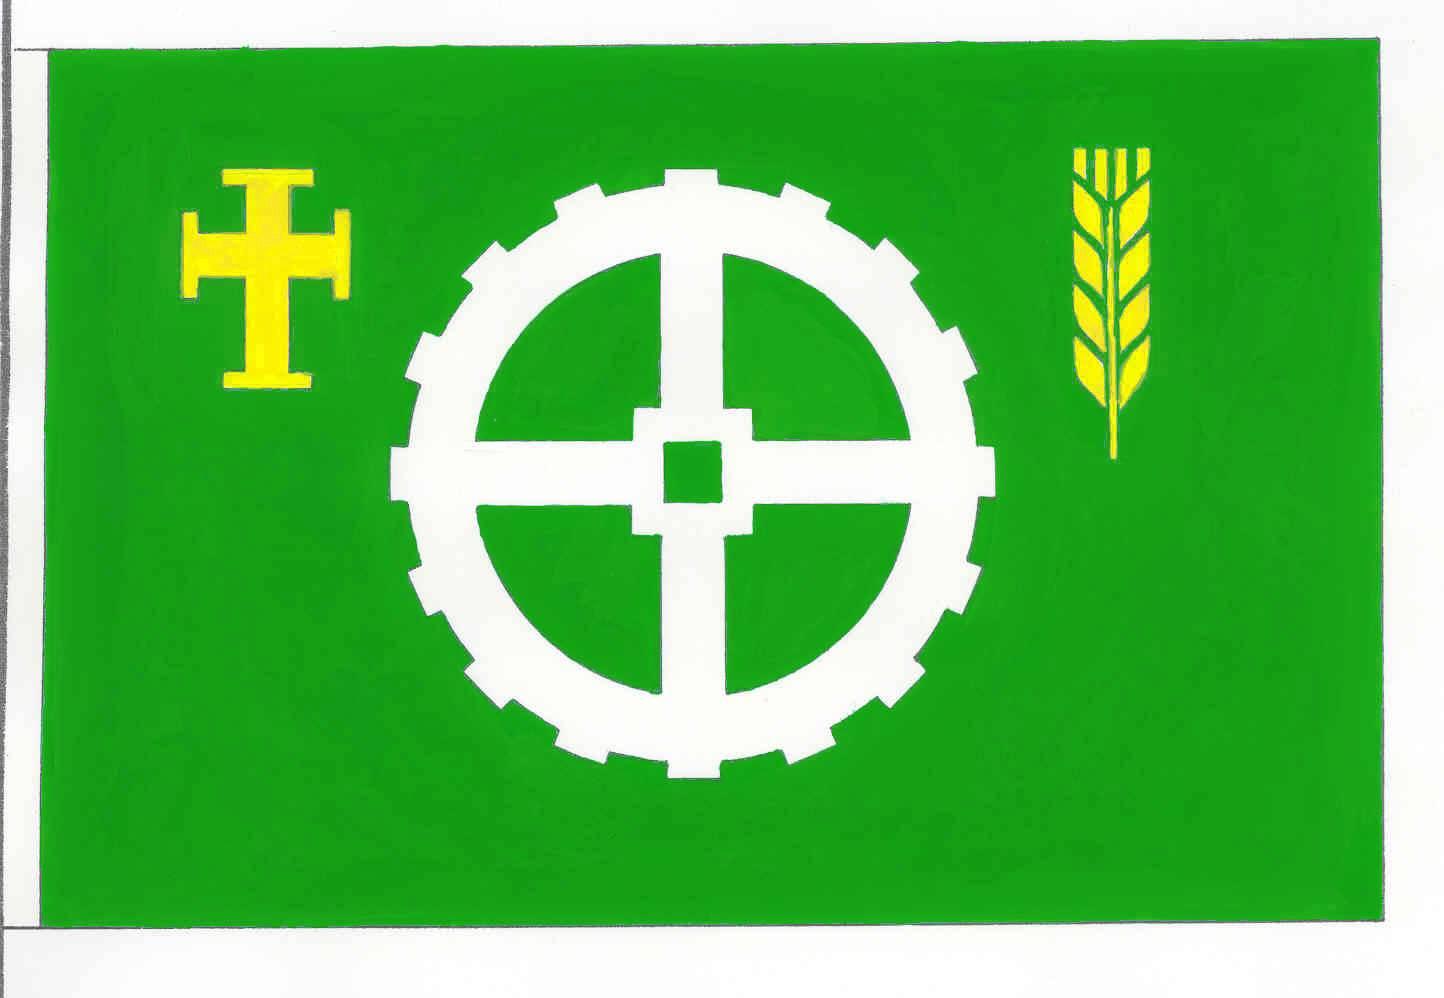 Flagge GemeindeLutterbek, Kreis Plön